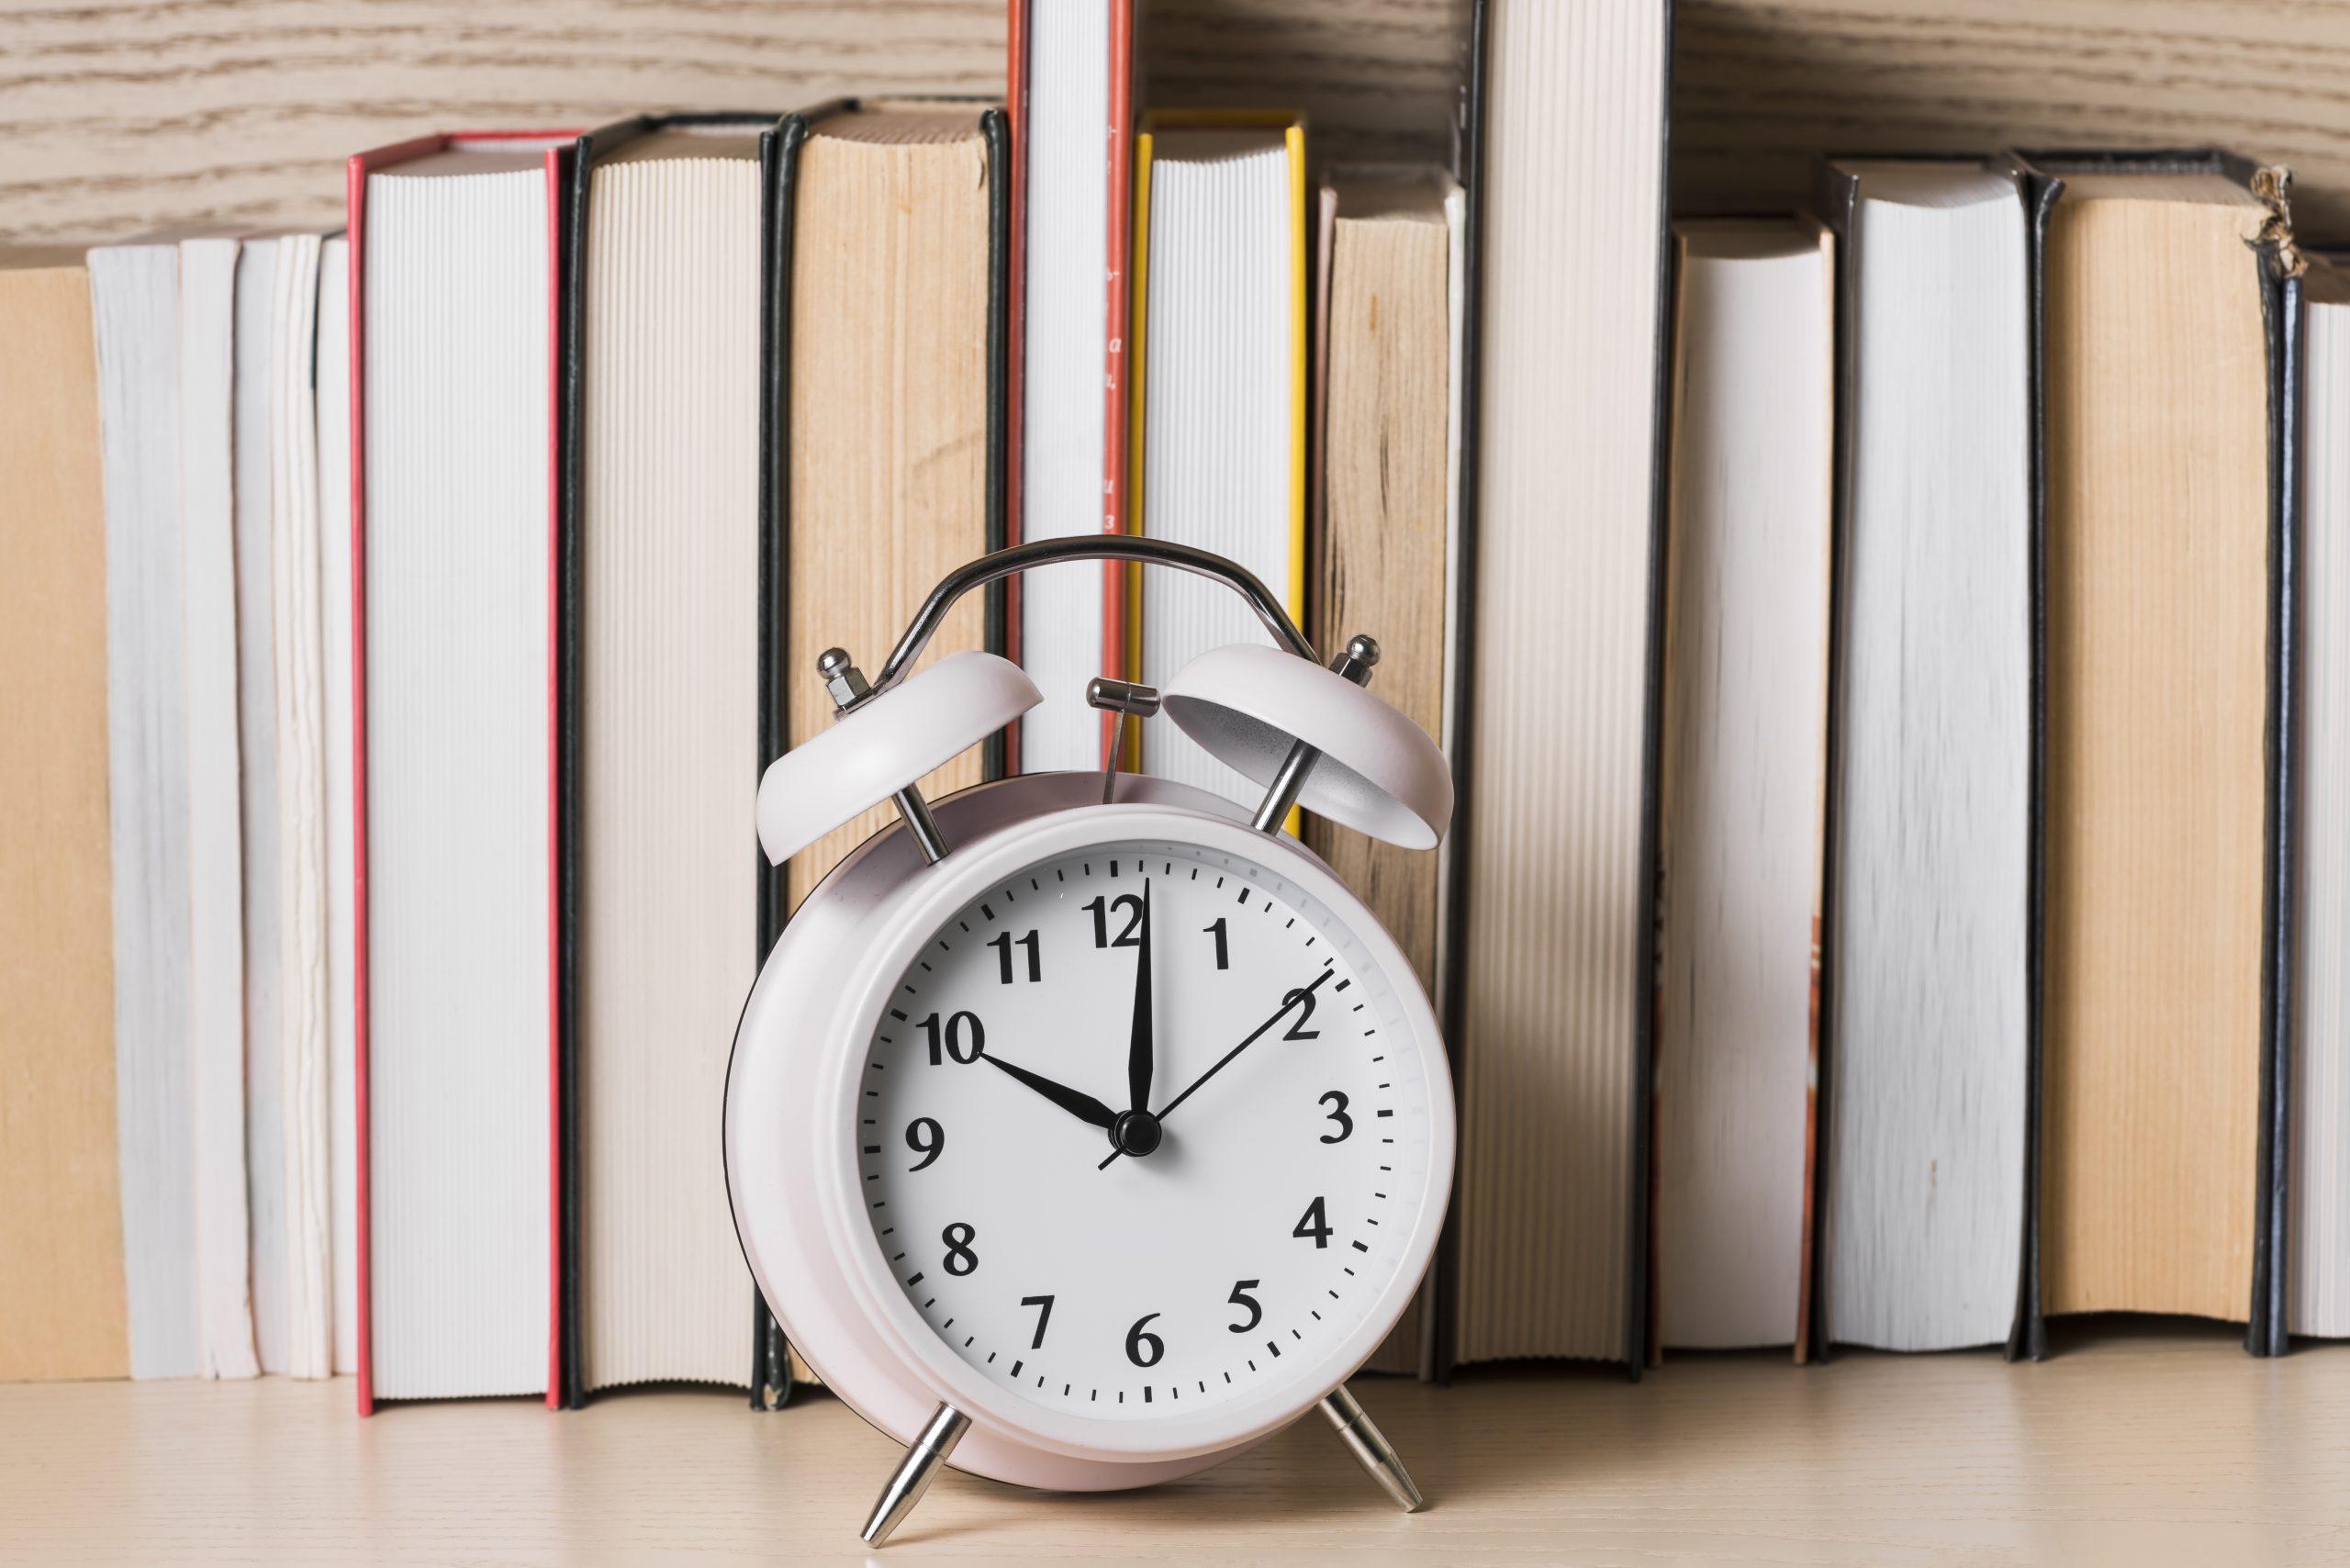 چند ساعت مطالعه در روز خوب است؟